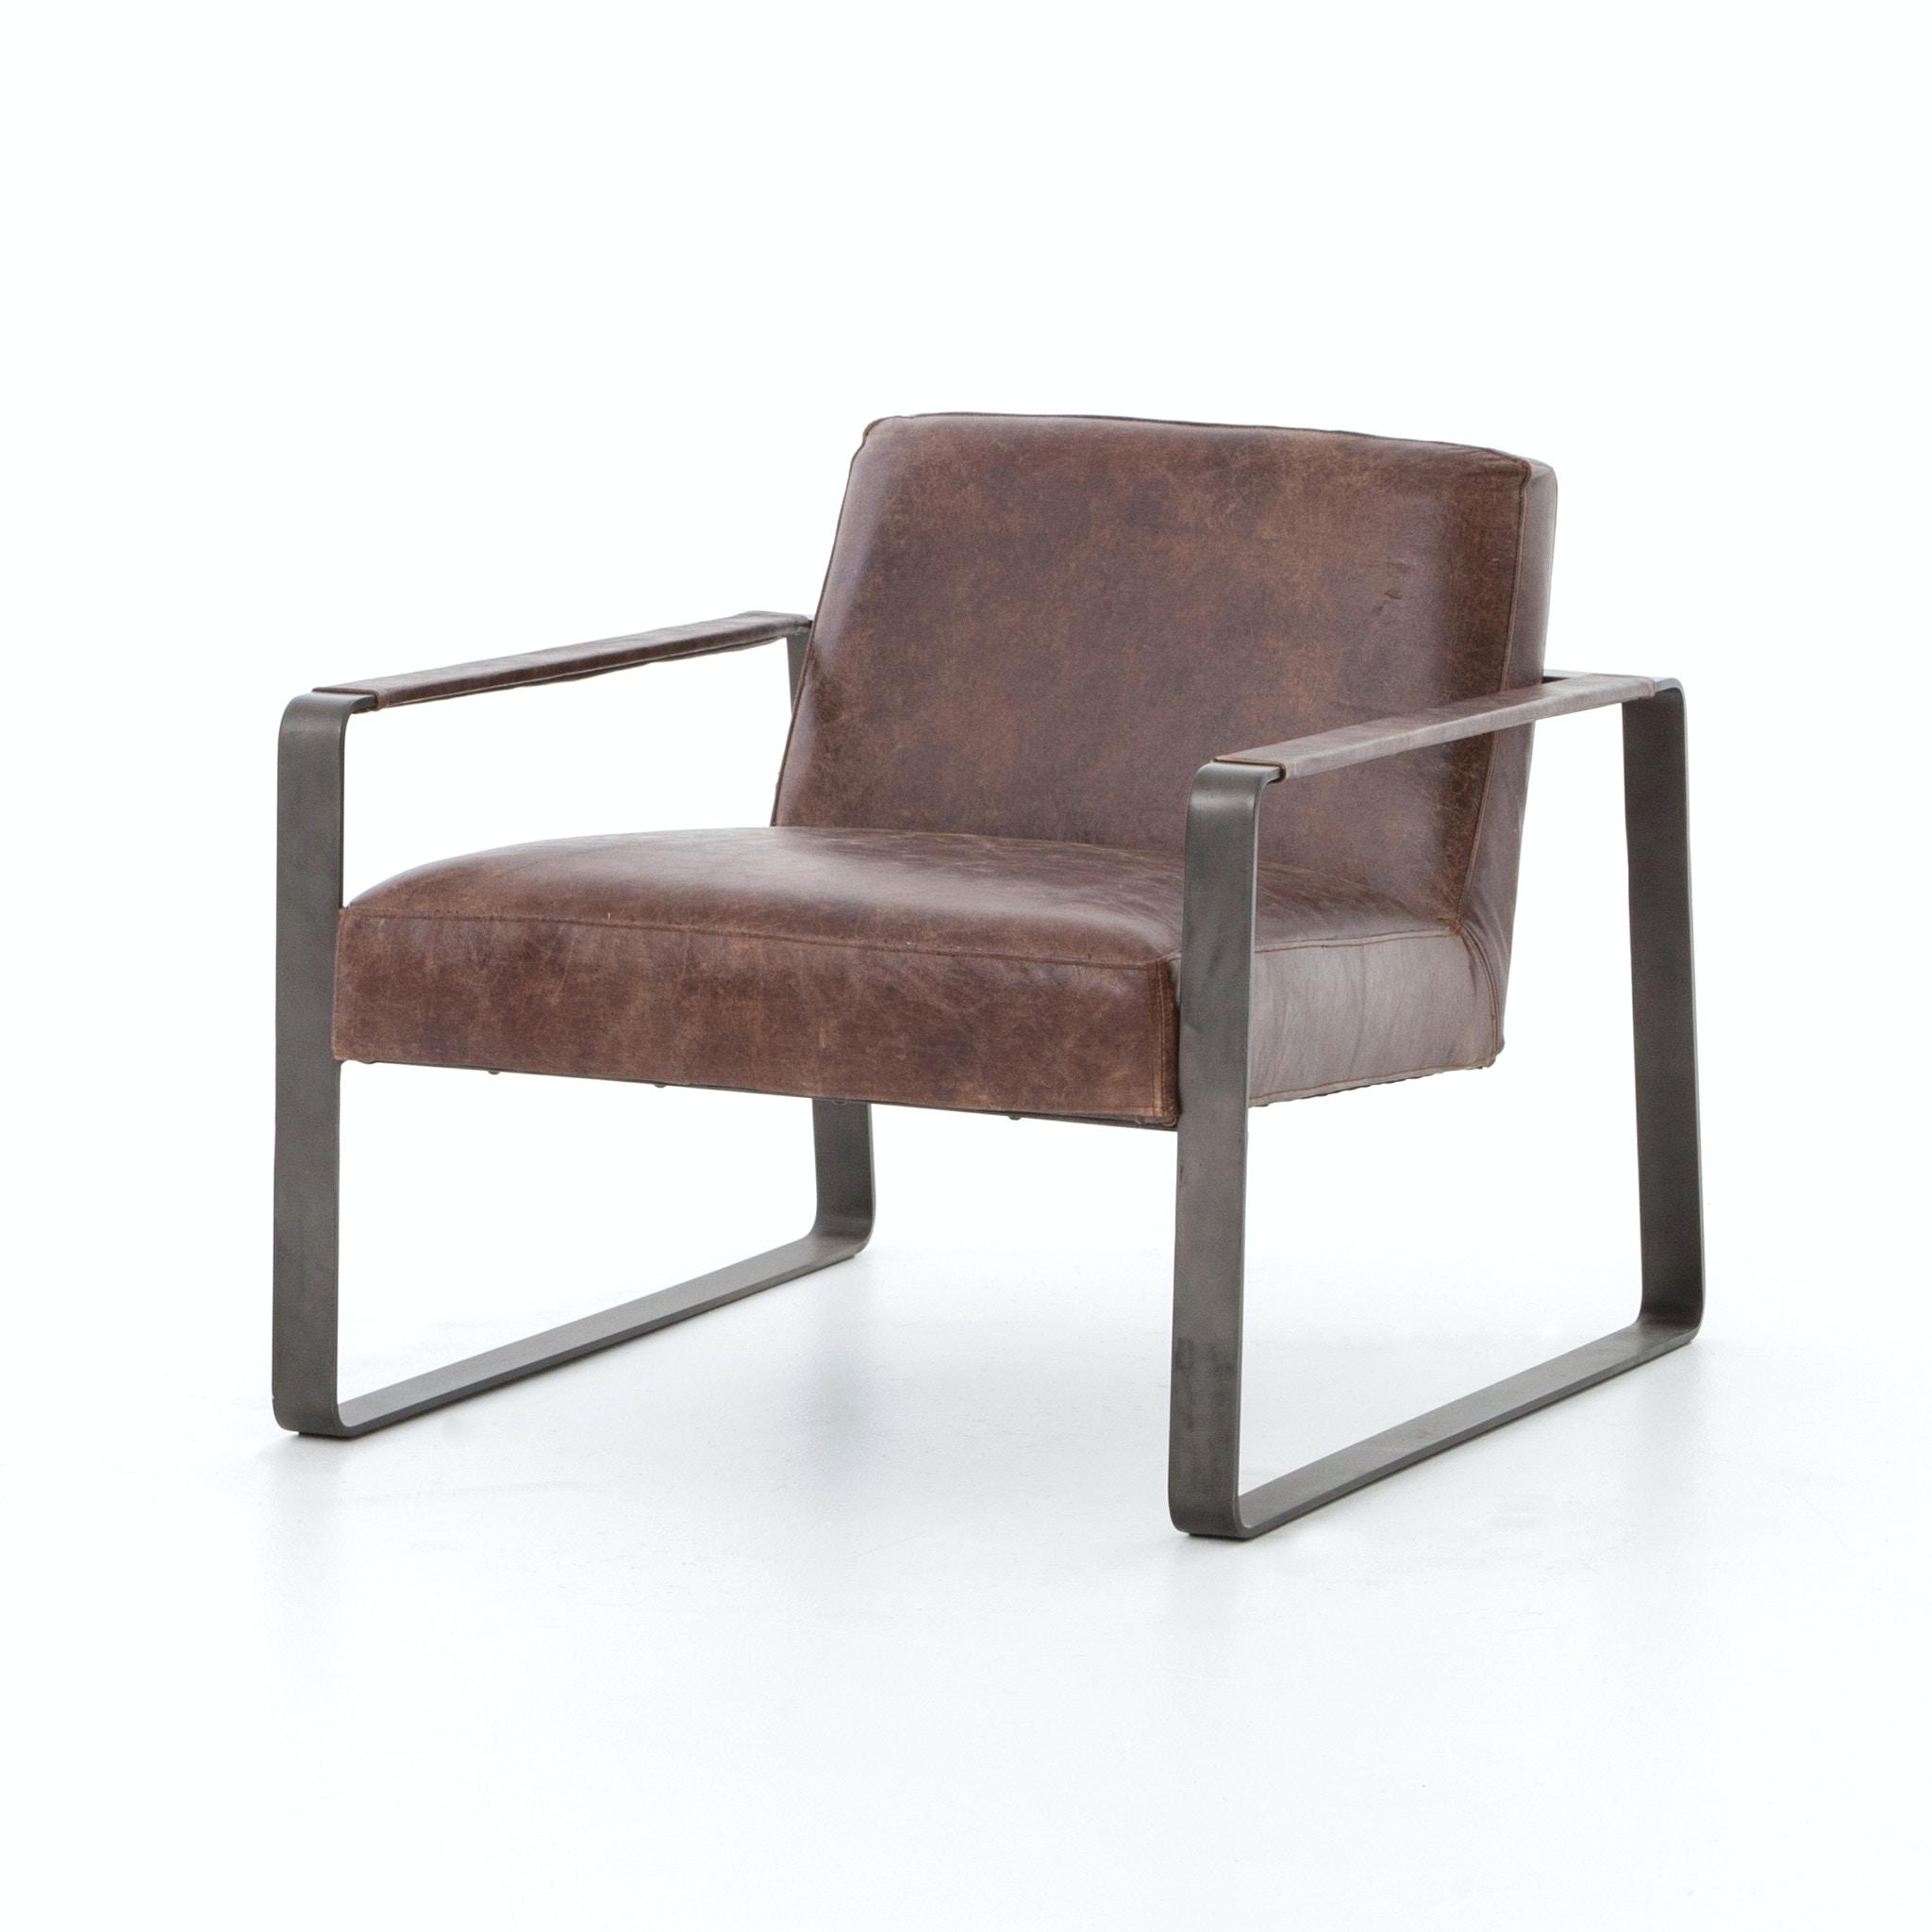 Four Hands Furniture Lars Chair Havana Waxed Black CIRD 120